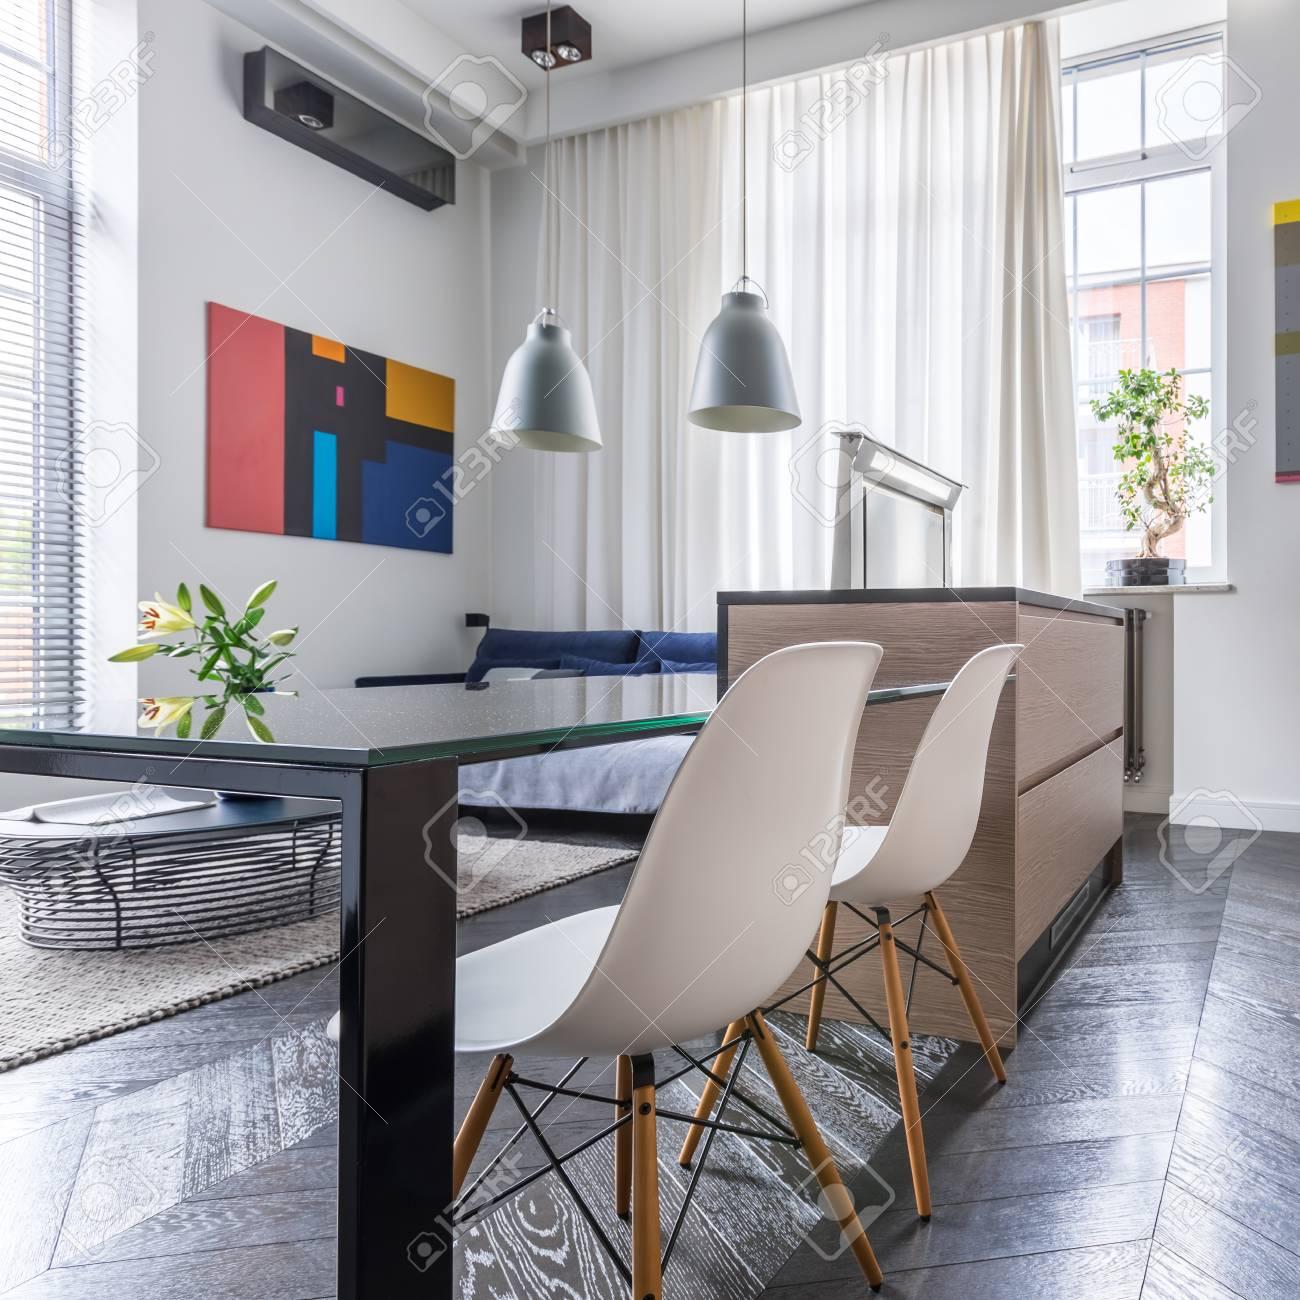 Table De Cuisine Contemporaine Avec Chaise Blanche Et élégant Salon